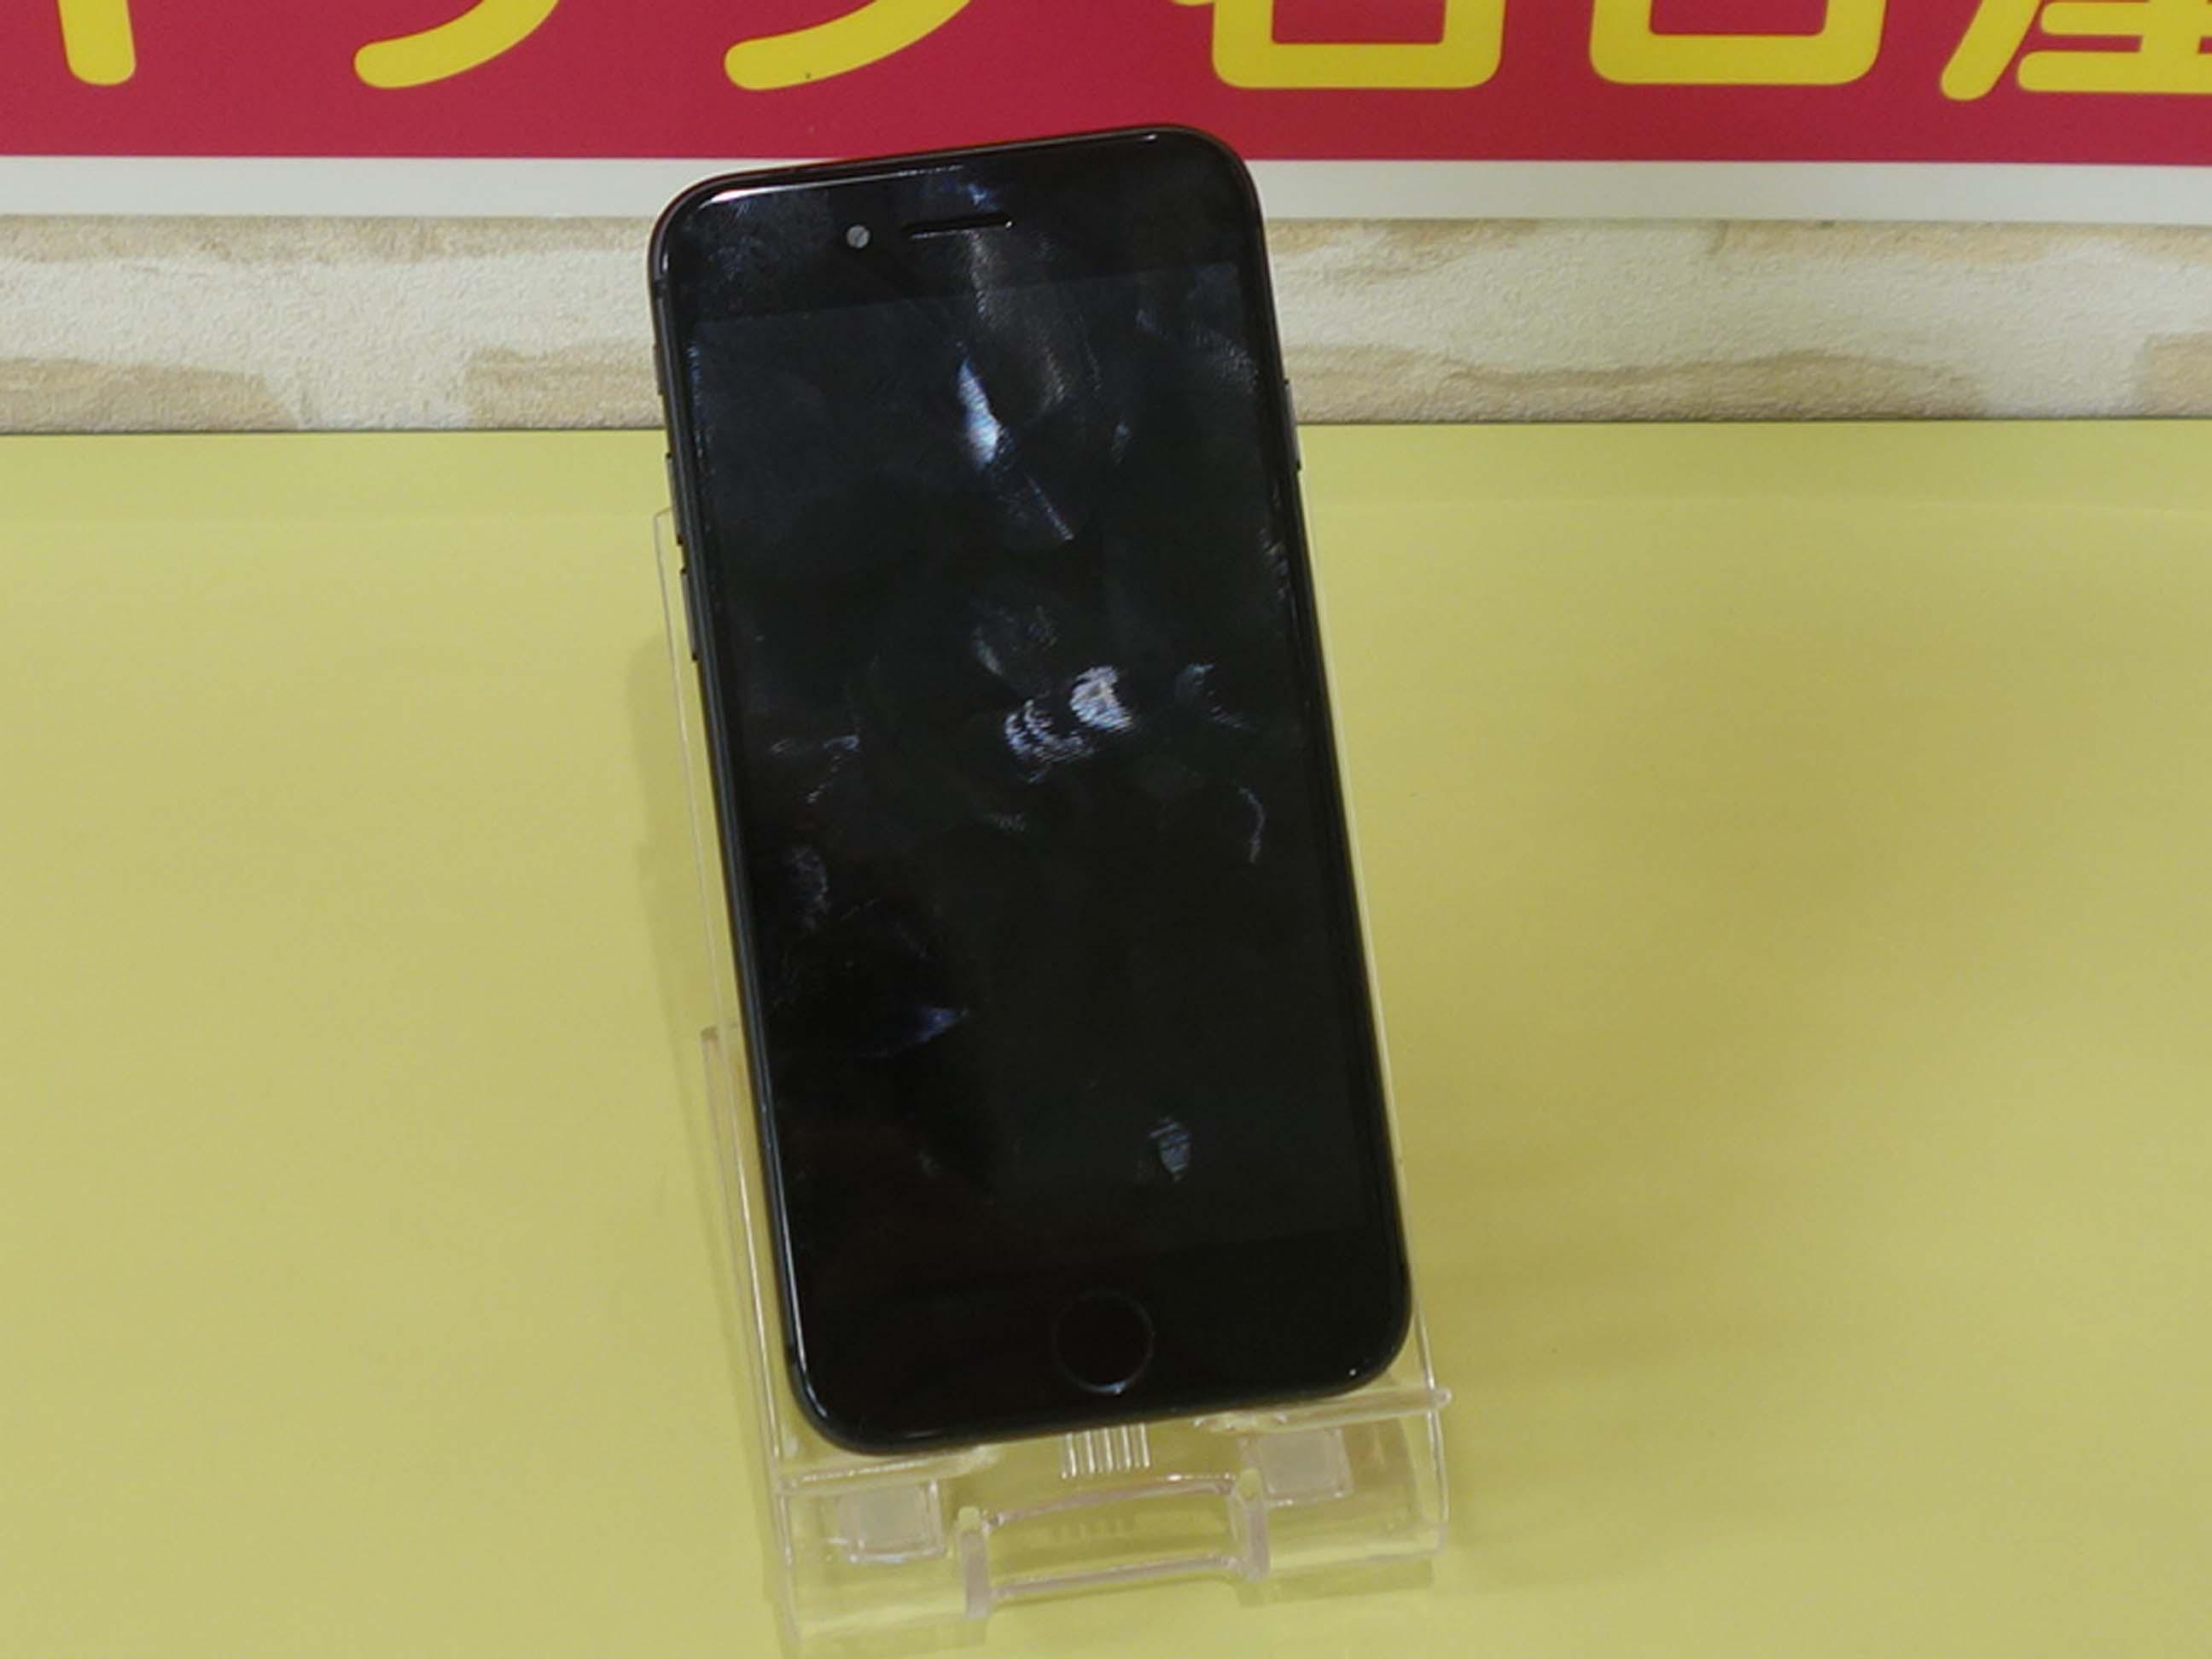 アイフォン水没修理のクイック名古屋